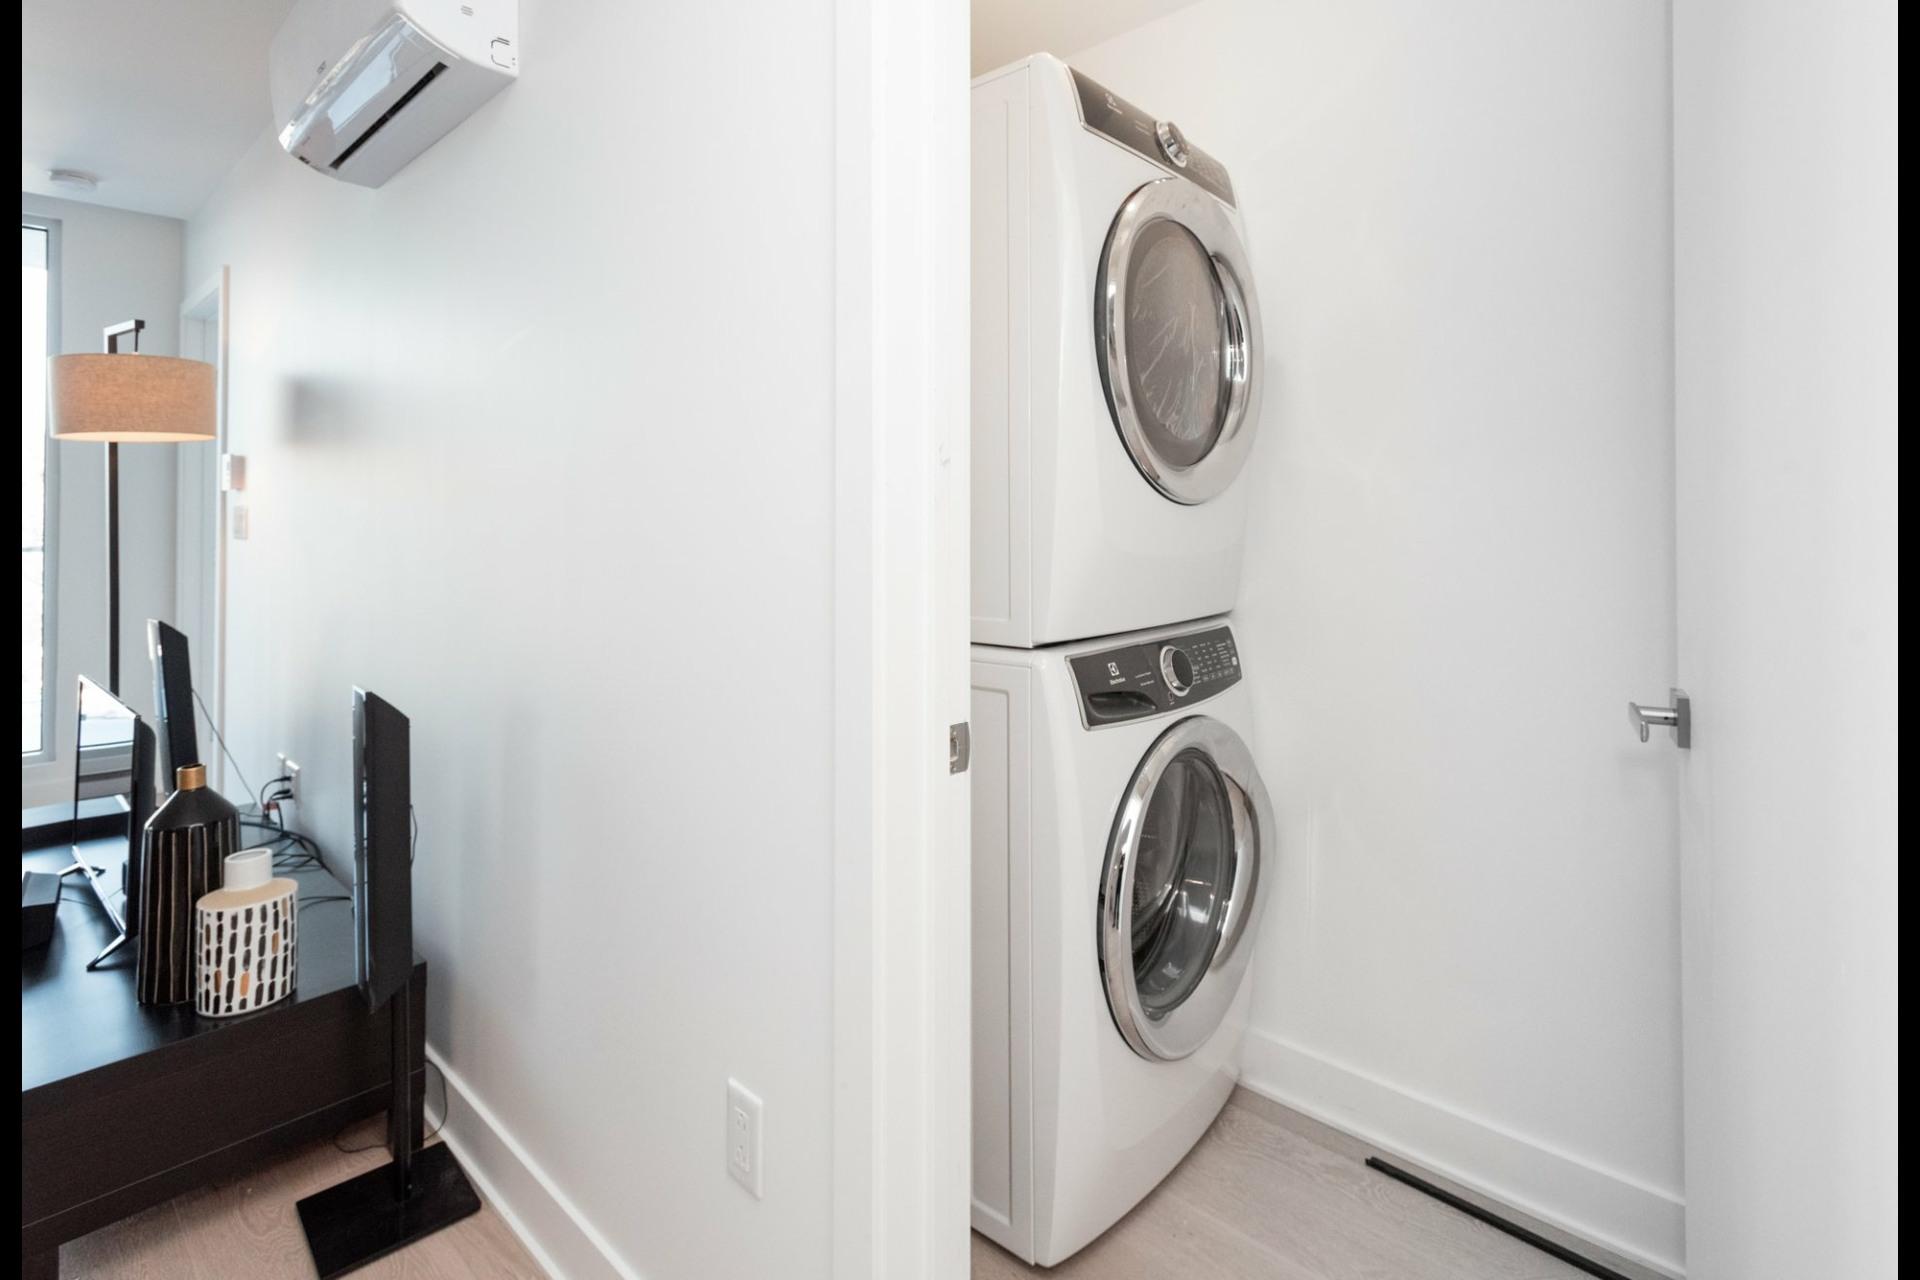 image 17 - Appartement À louer Côte-des-Neiges/Notre-Dame-de-Grâce Montréal  - 5 pièces